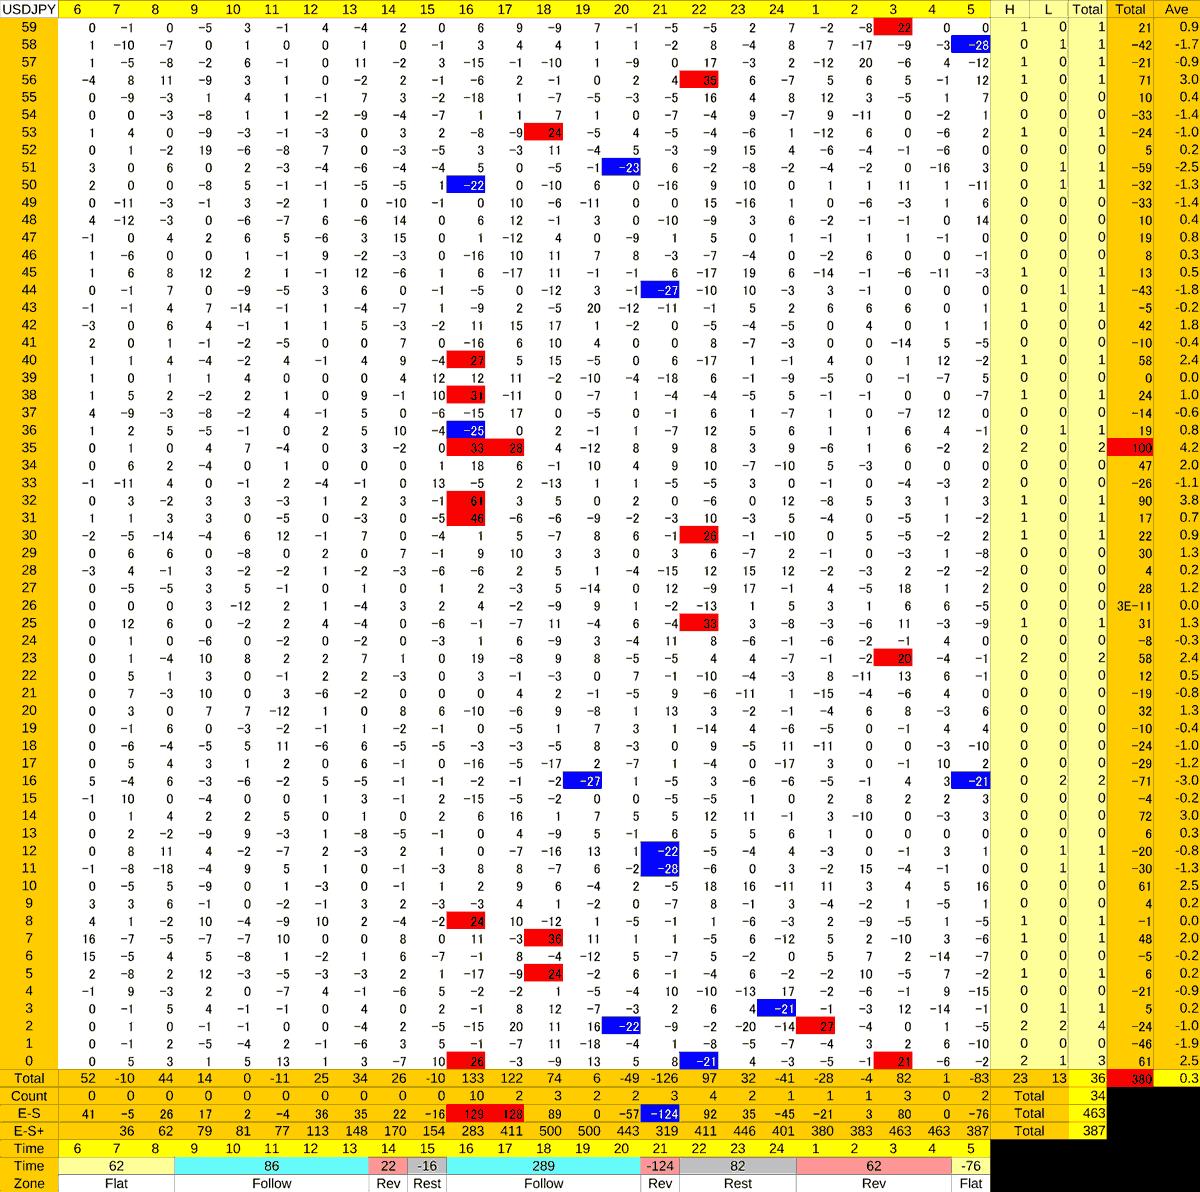 20201007_HS(1)USDJPY